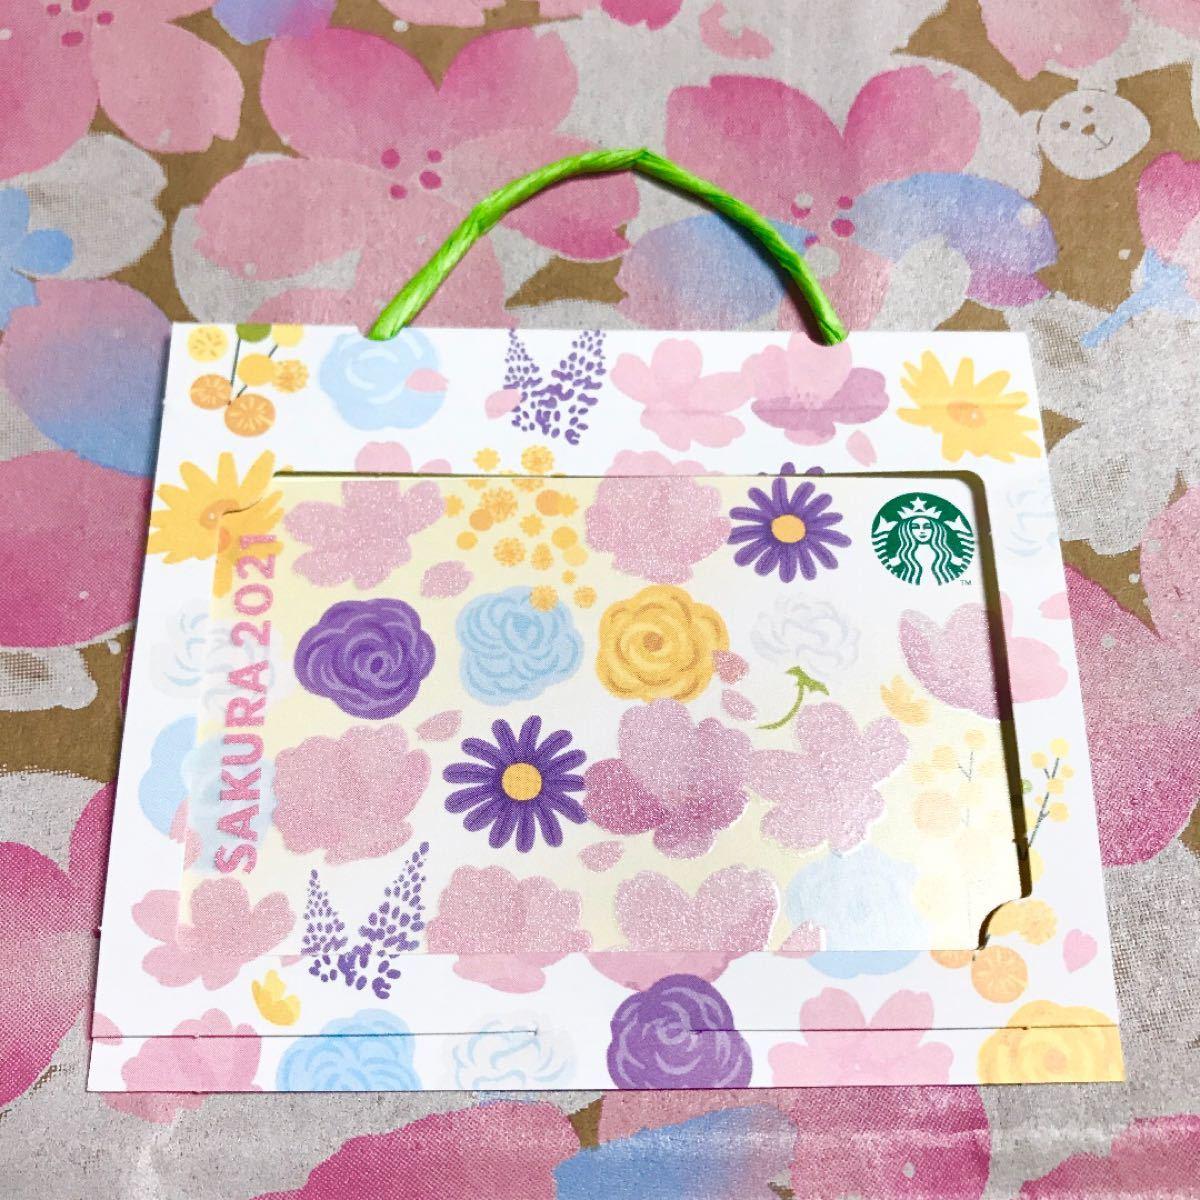 スターバックスカード サクラ 2種類 PIN未削り スタバカード  桜 さくら 送料込み 完売品  SAKURA